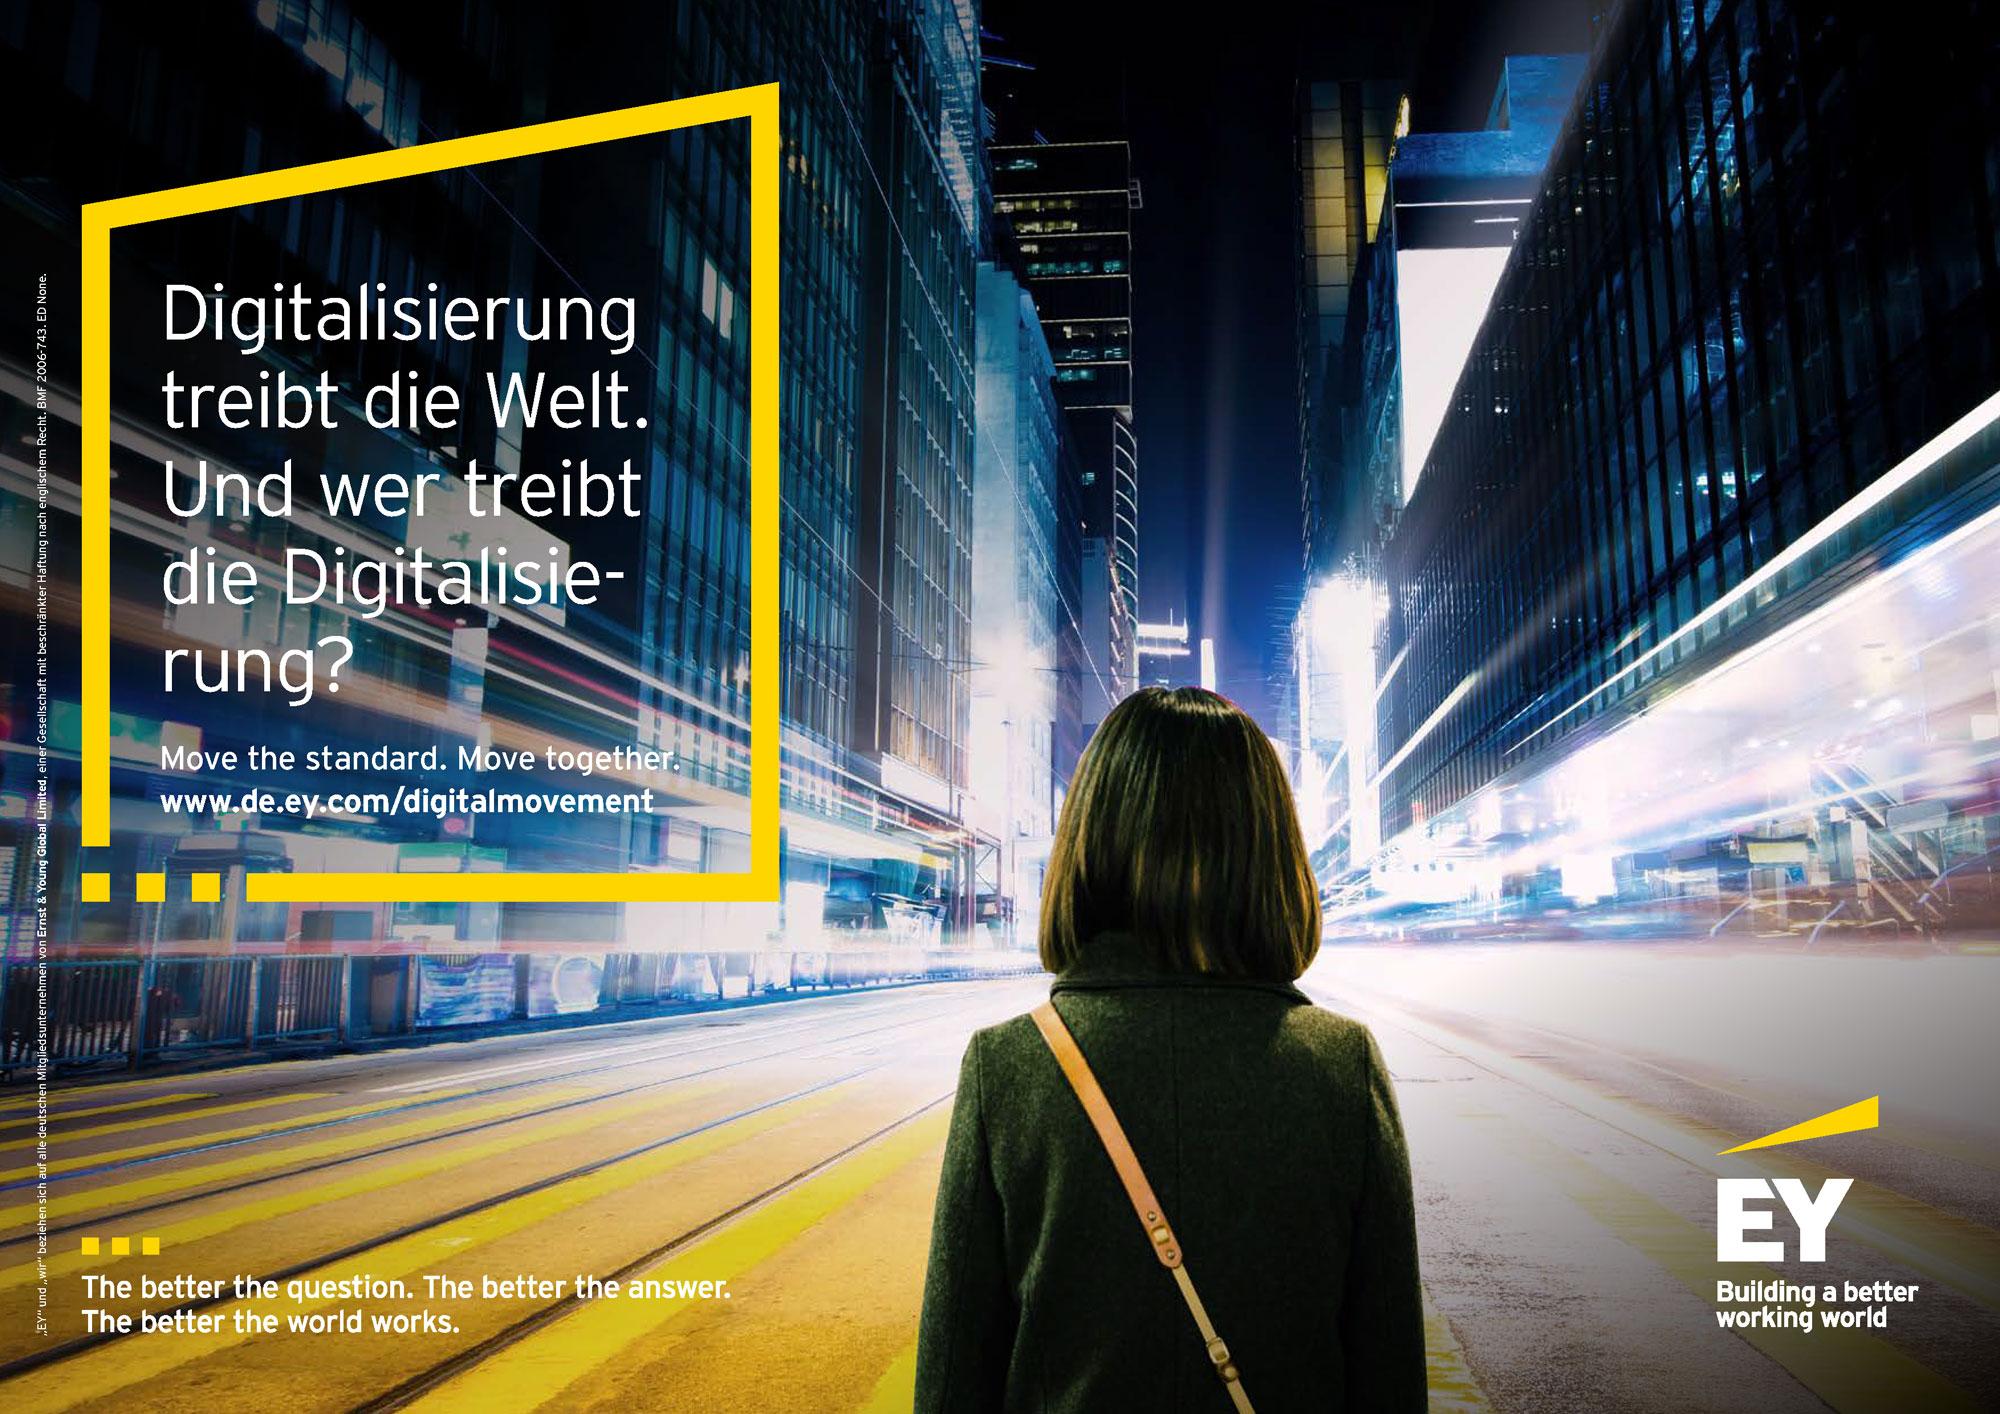 Digital-Karriere bei EY: Frau und Mann betrachten Objekt.